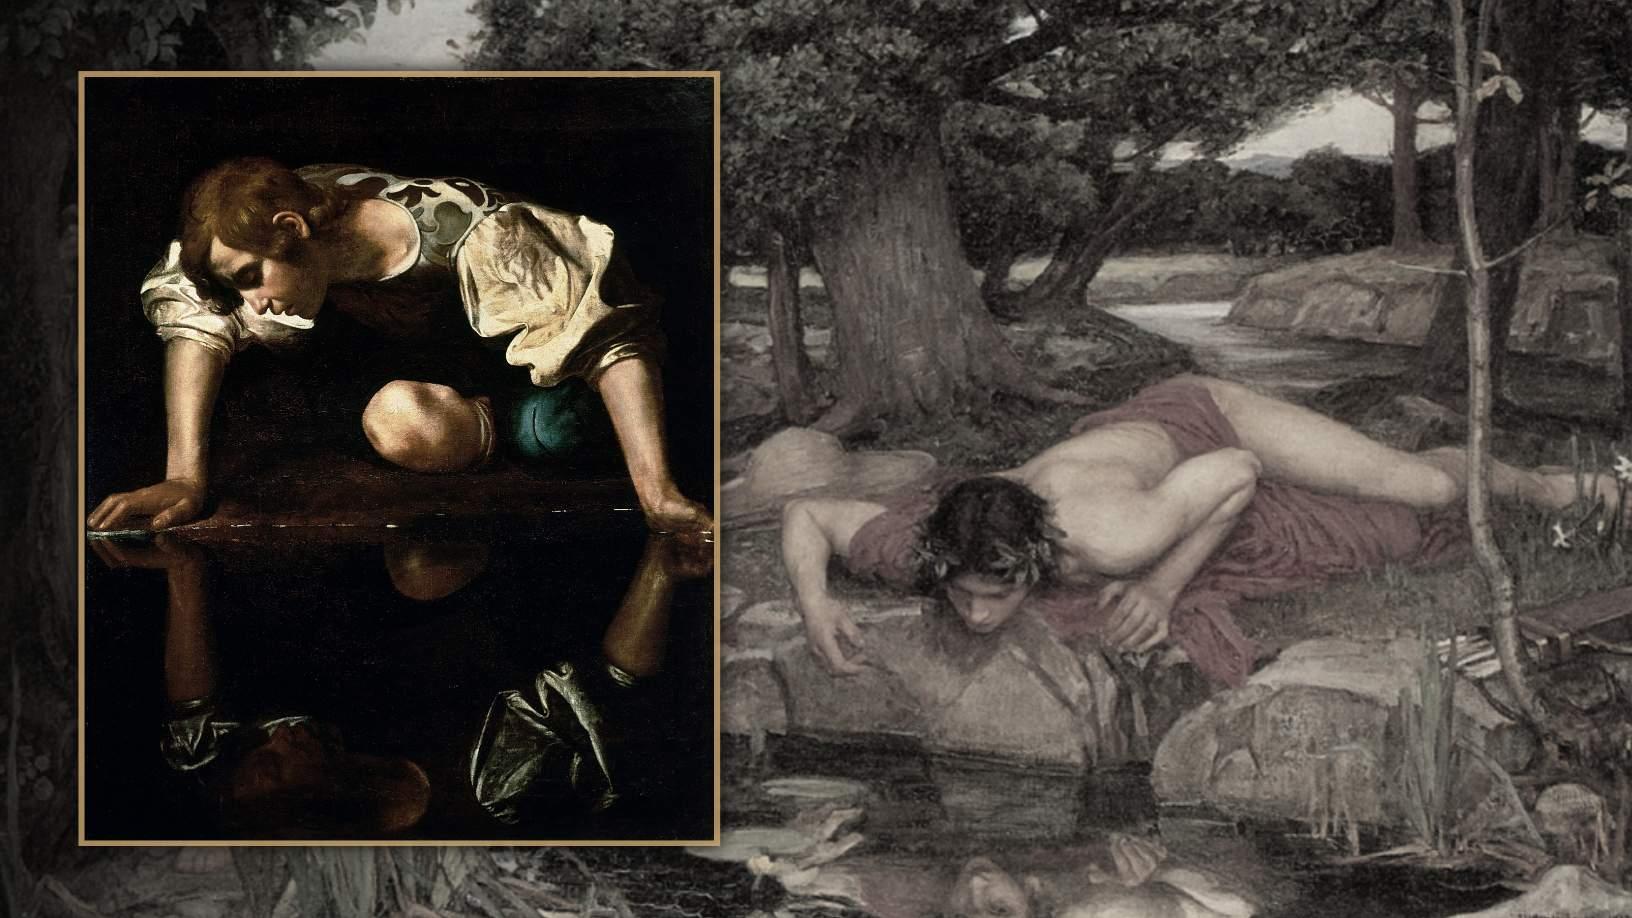 Narcissus starend naar zijn eigen spiegelbeeld. © Image Credit: Wikimedia Commons